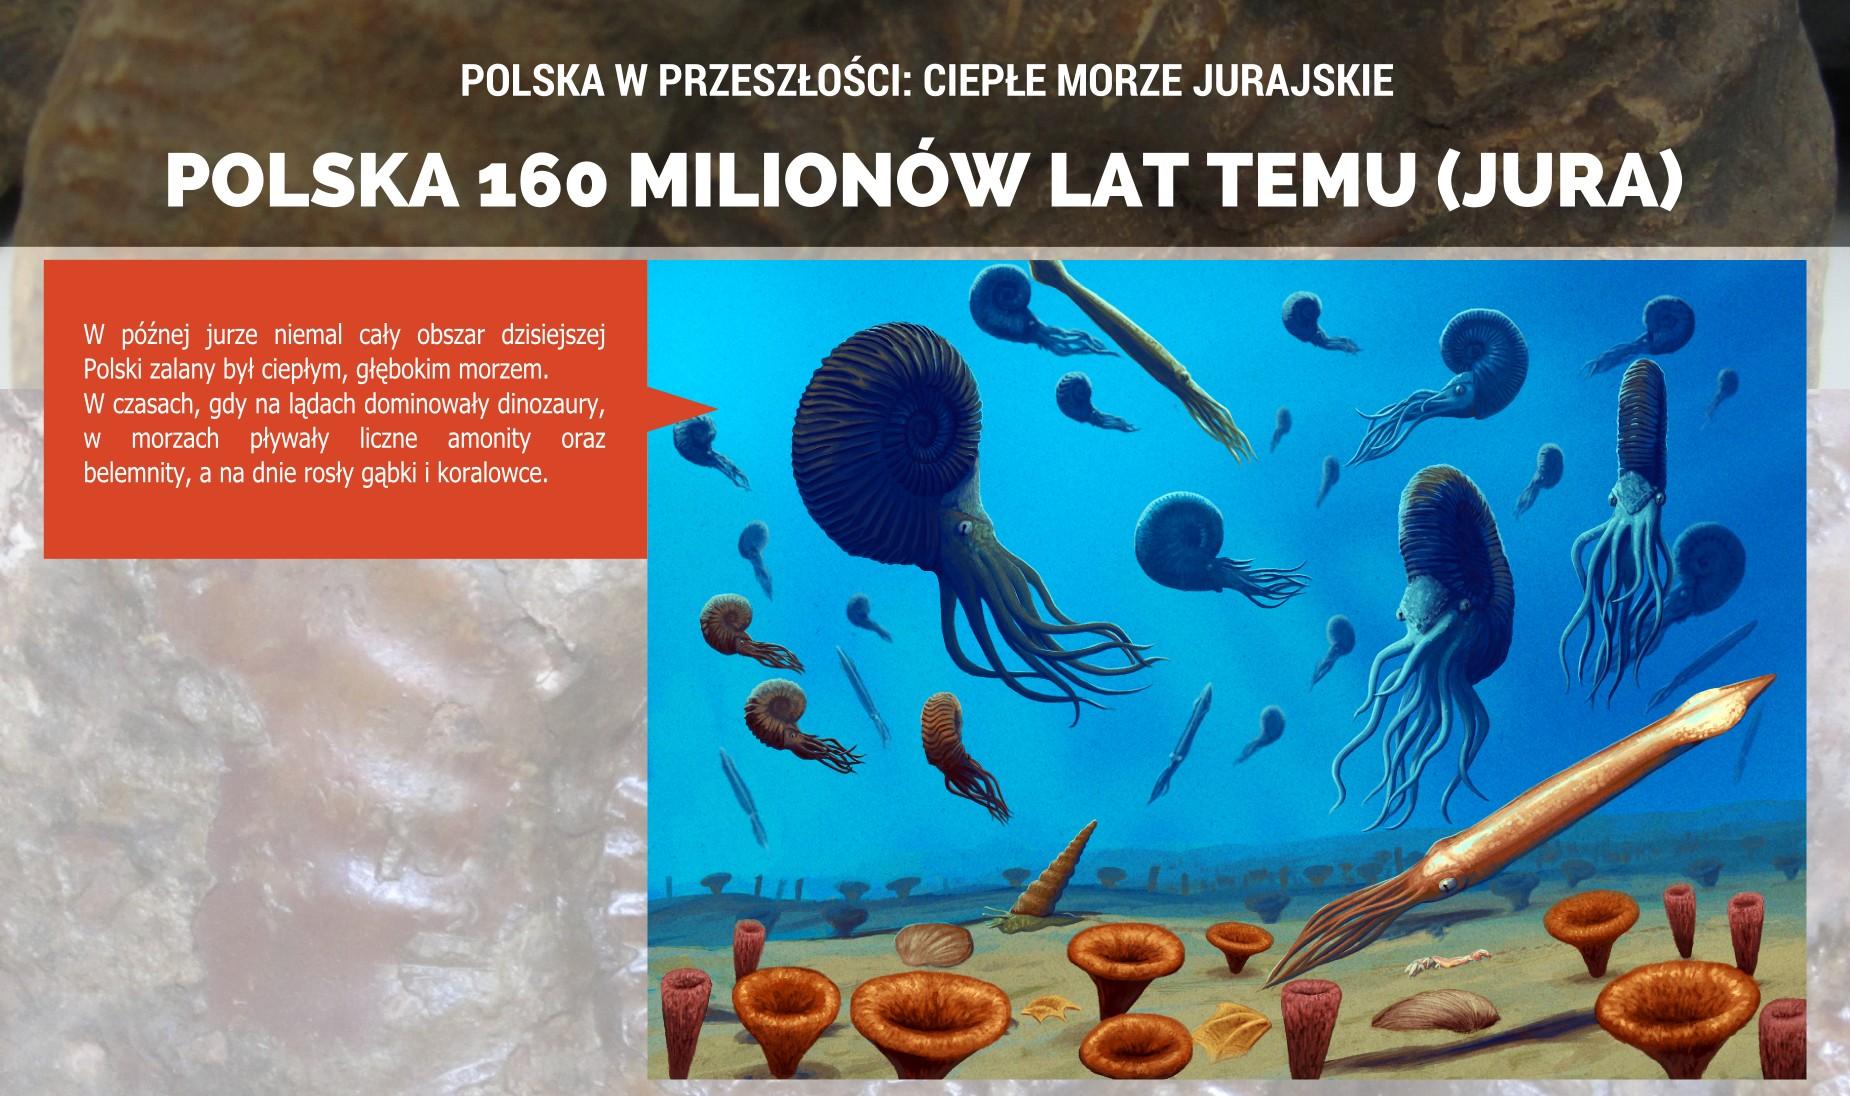 Jurajskie morze na terenie Polski - plakat.